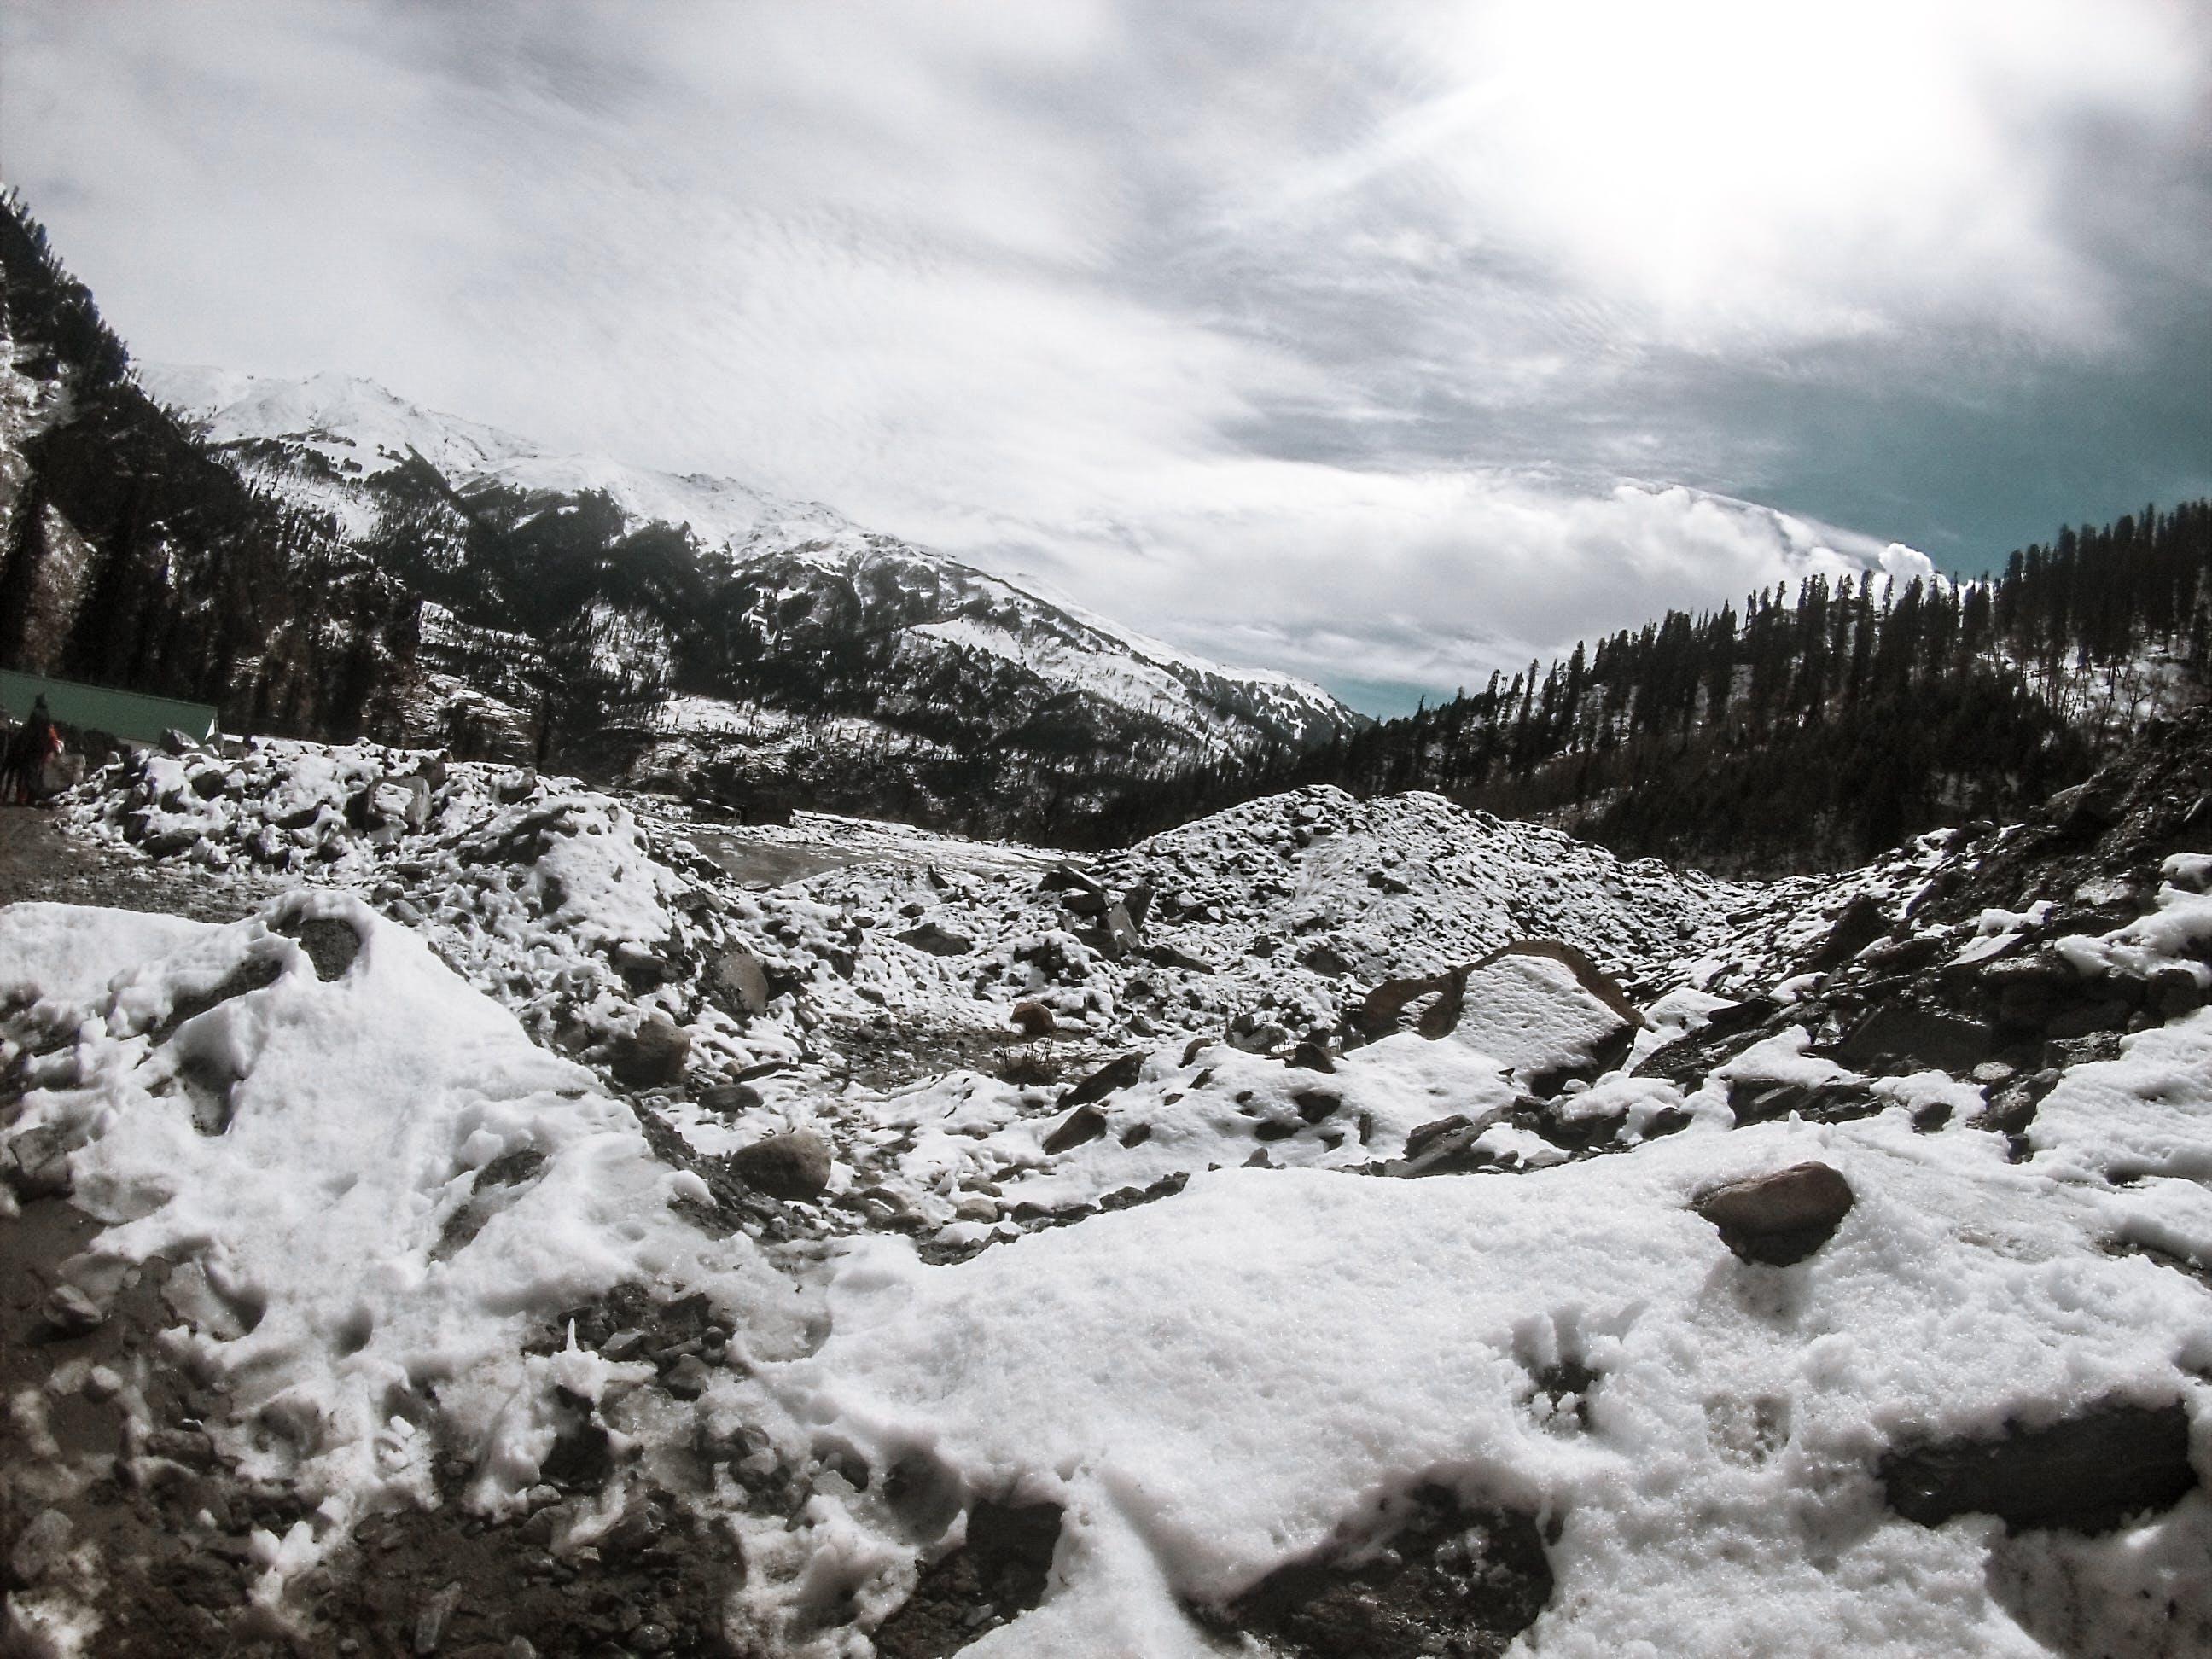 Free stock photo of mountains, snow